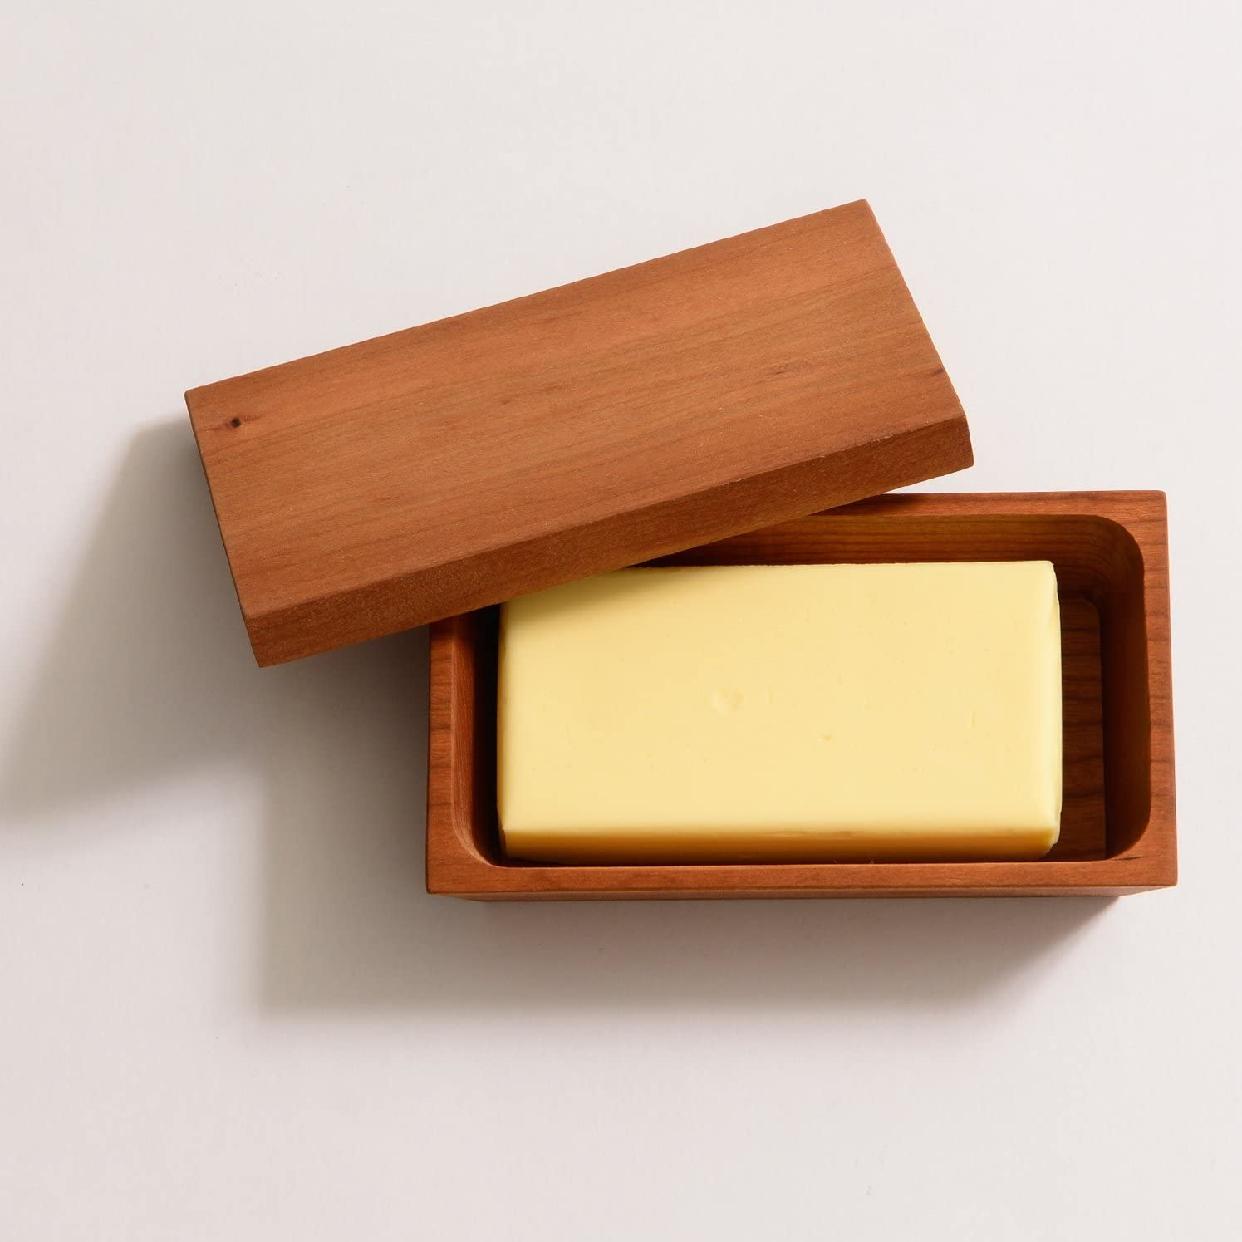 Das Holz(ダスホルツ)バターケースの商品画像2